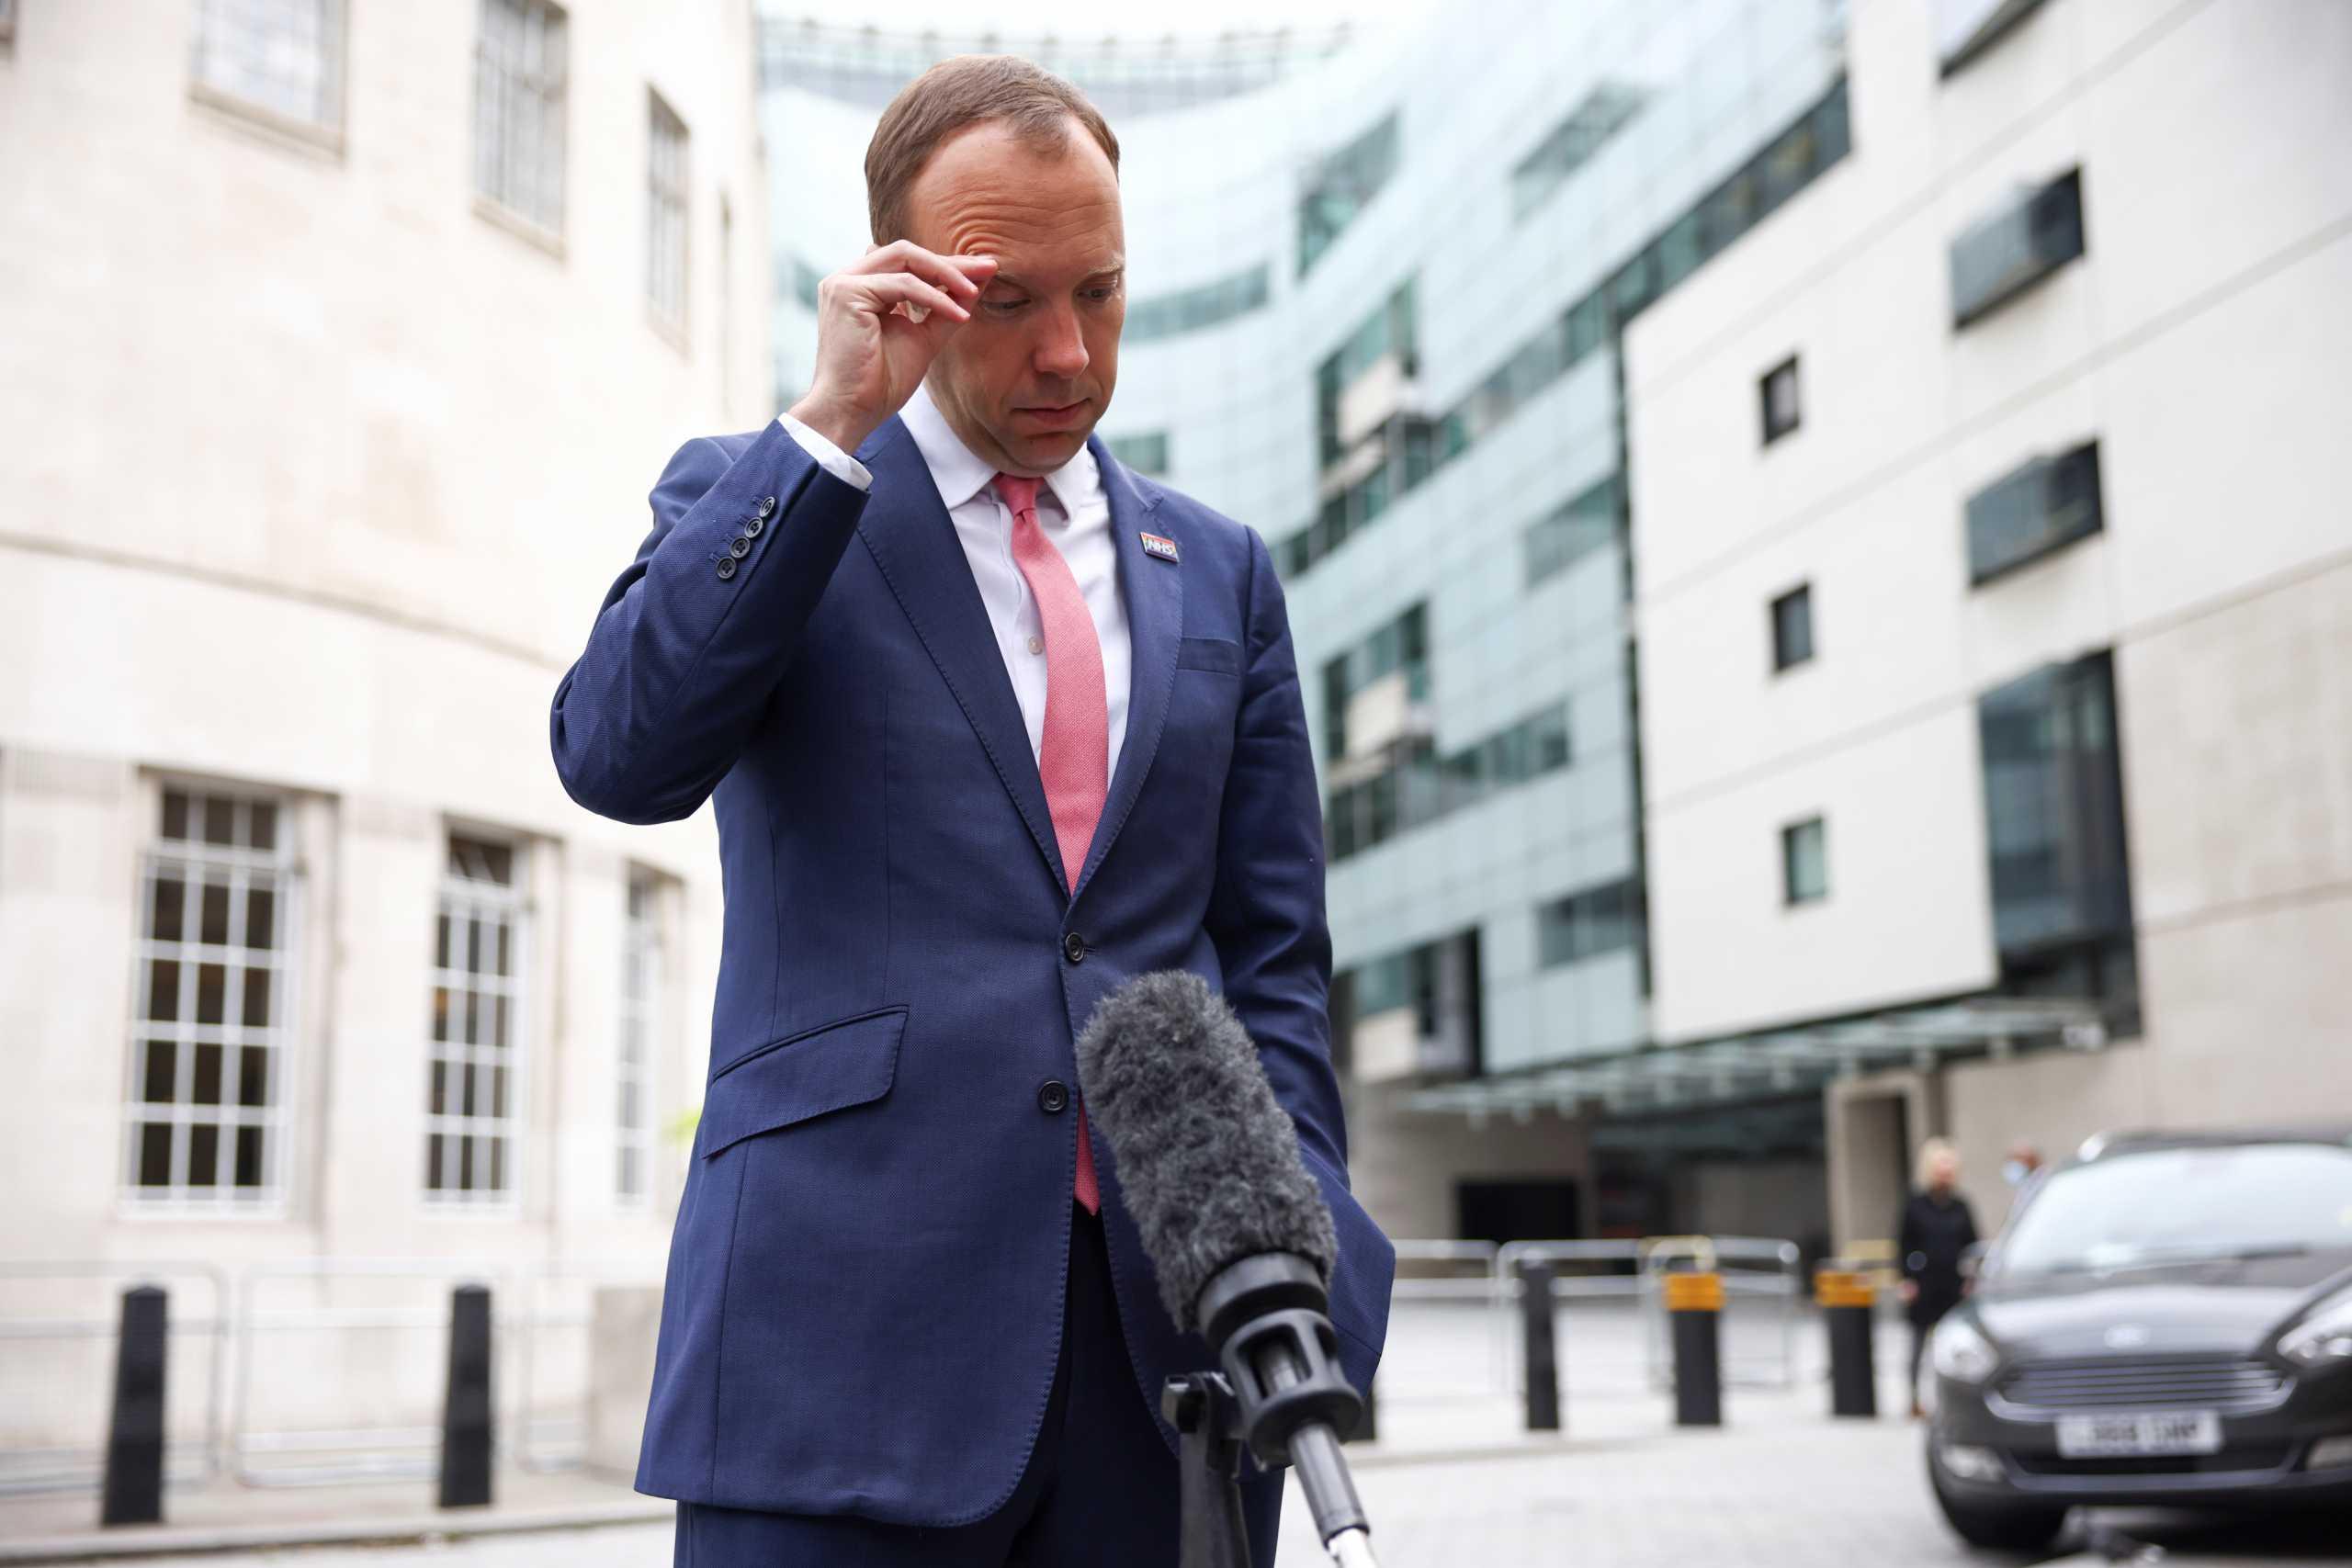 Σάλος στην Βρετανία: Ροζ σκάνδαλο για τον υπουργό Υγείας – Οι φωτογραφίες που τον «καίνε»